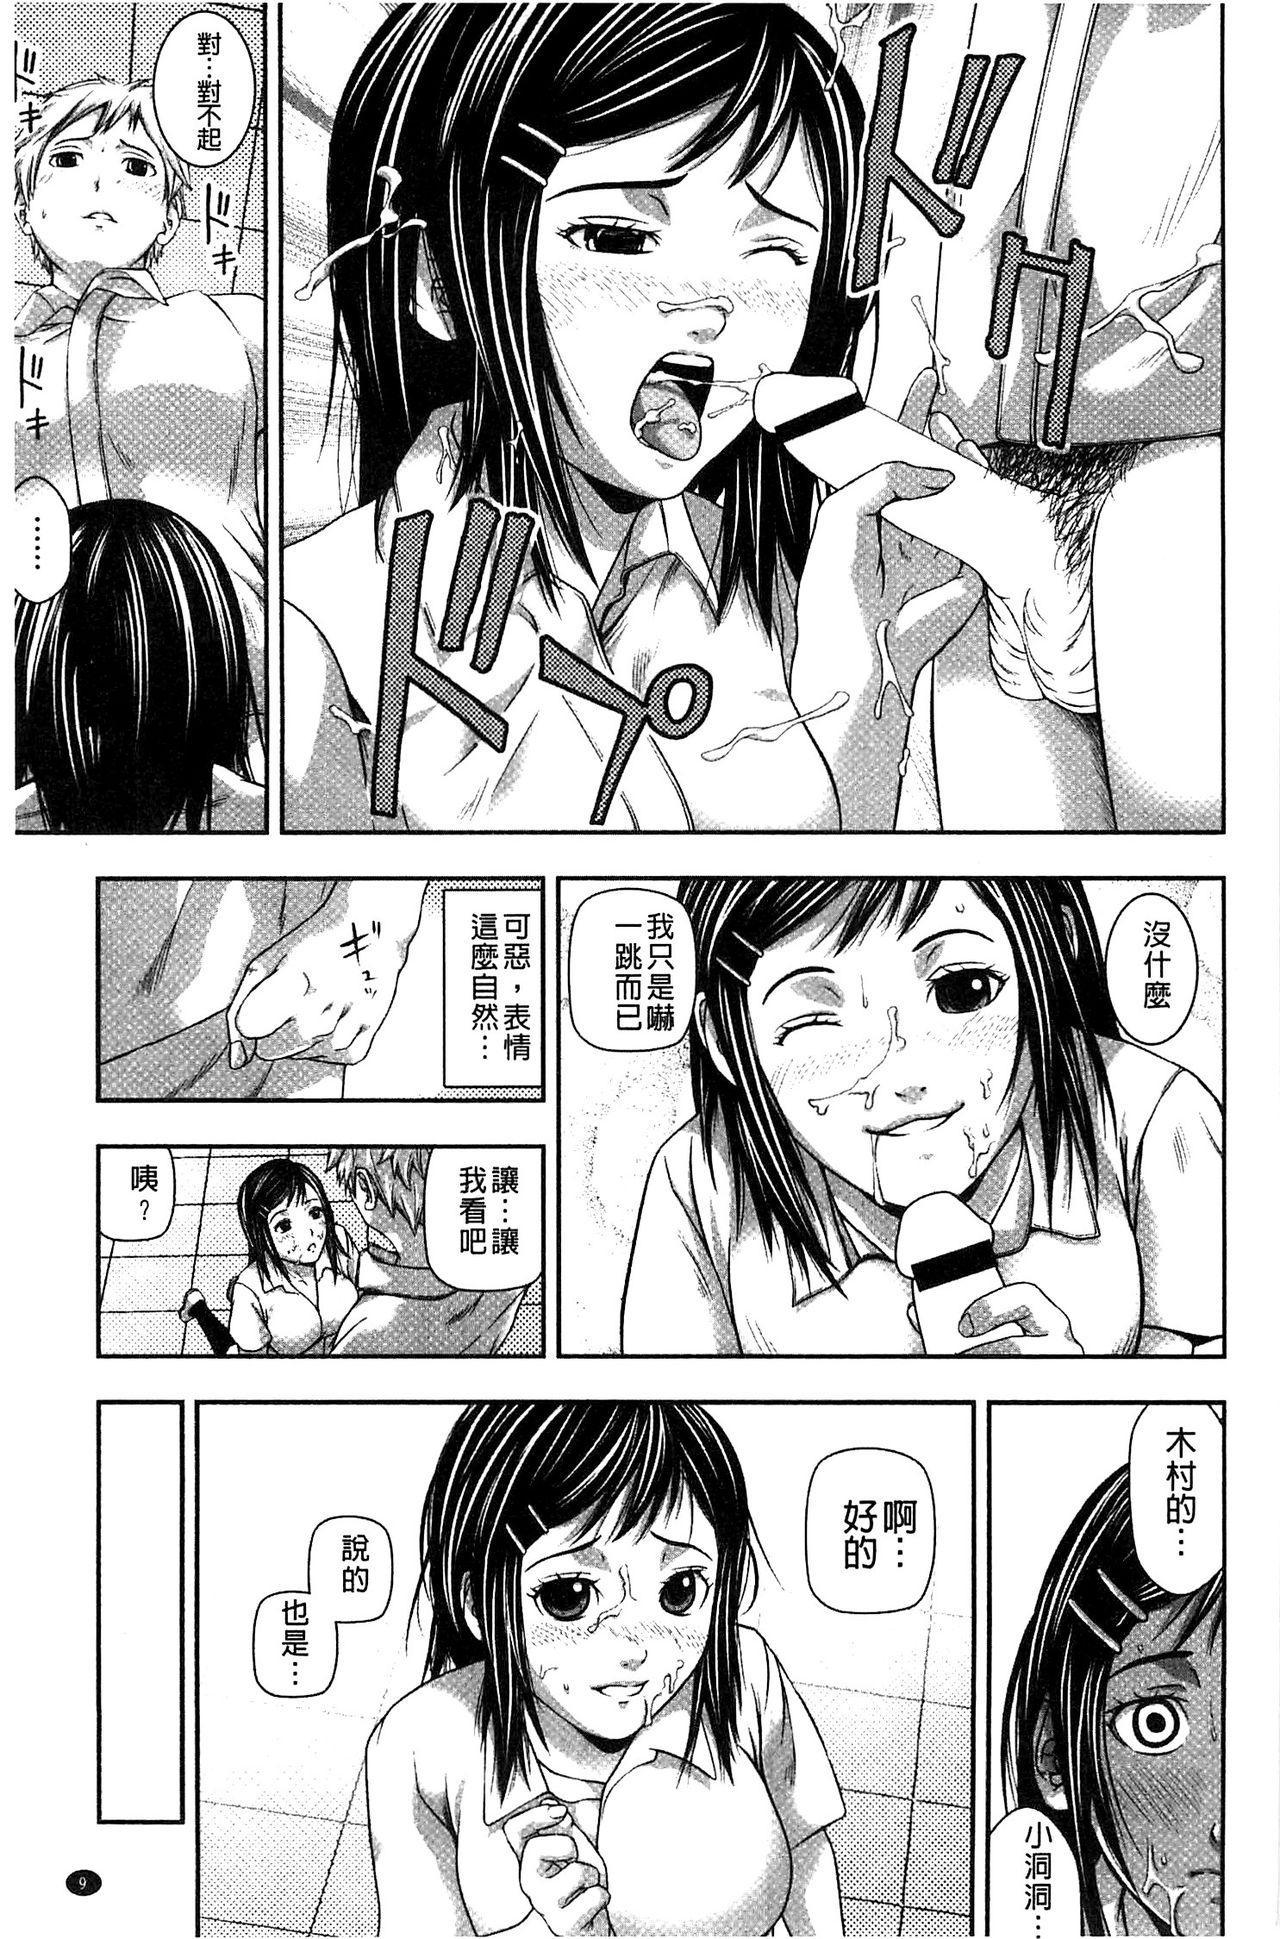 Koijirushi Love Milk | 戀印愛慾鮮乳 10